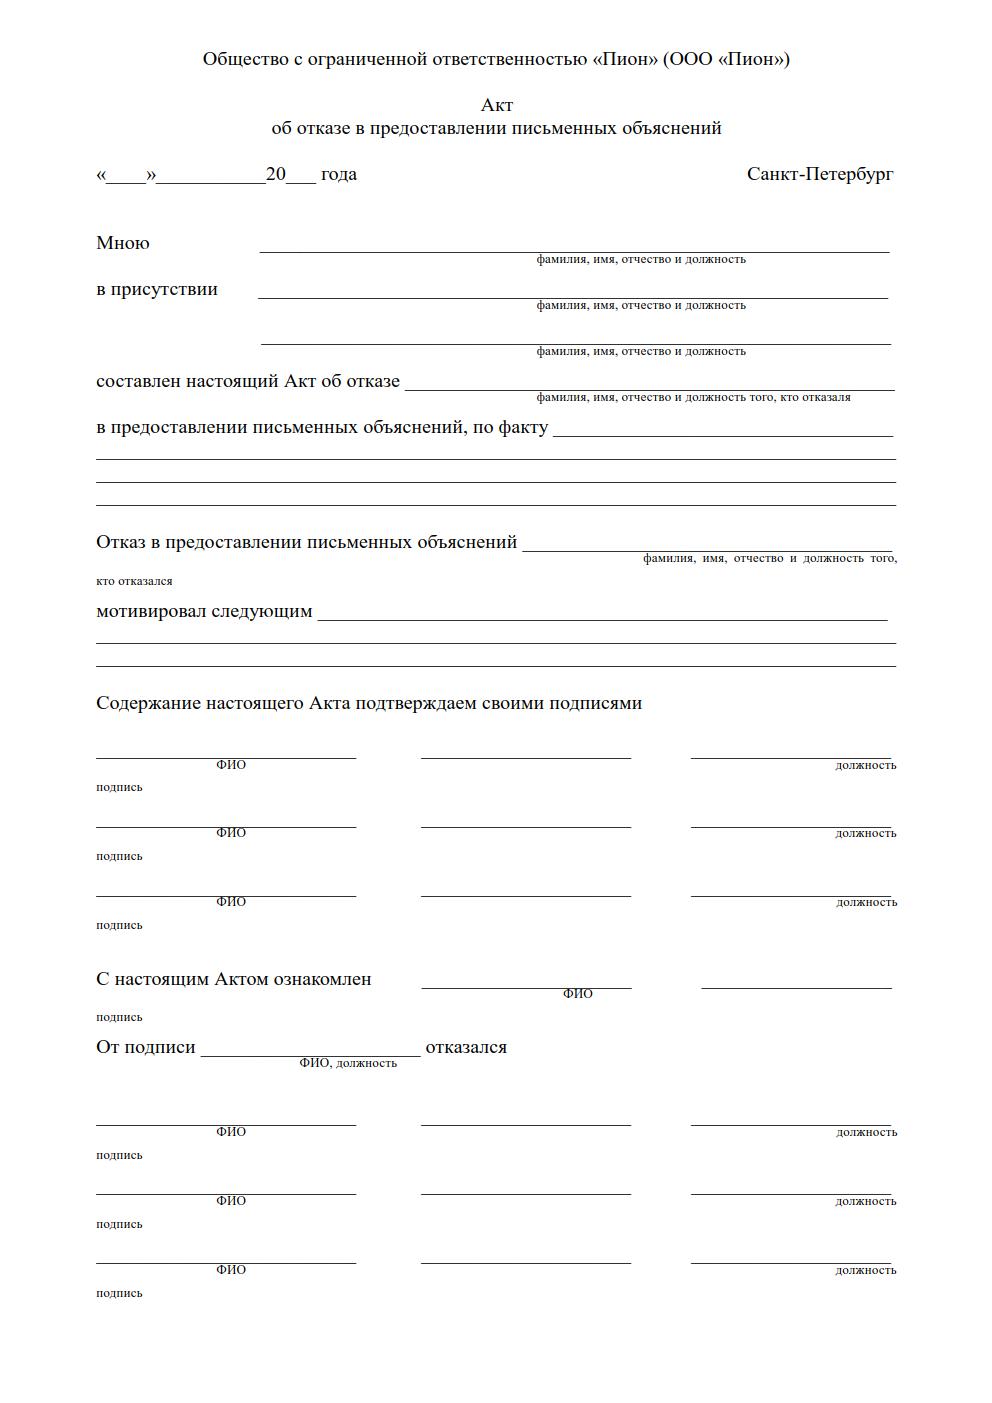 uvolnenie-za-proguly-poshagovaya-instrukciya-2018